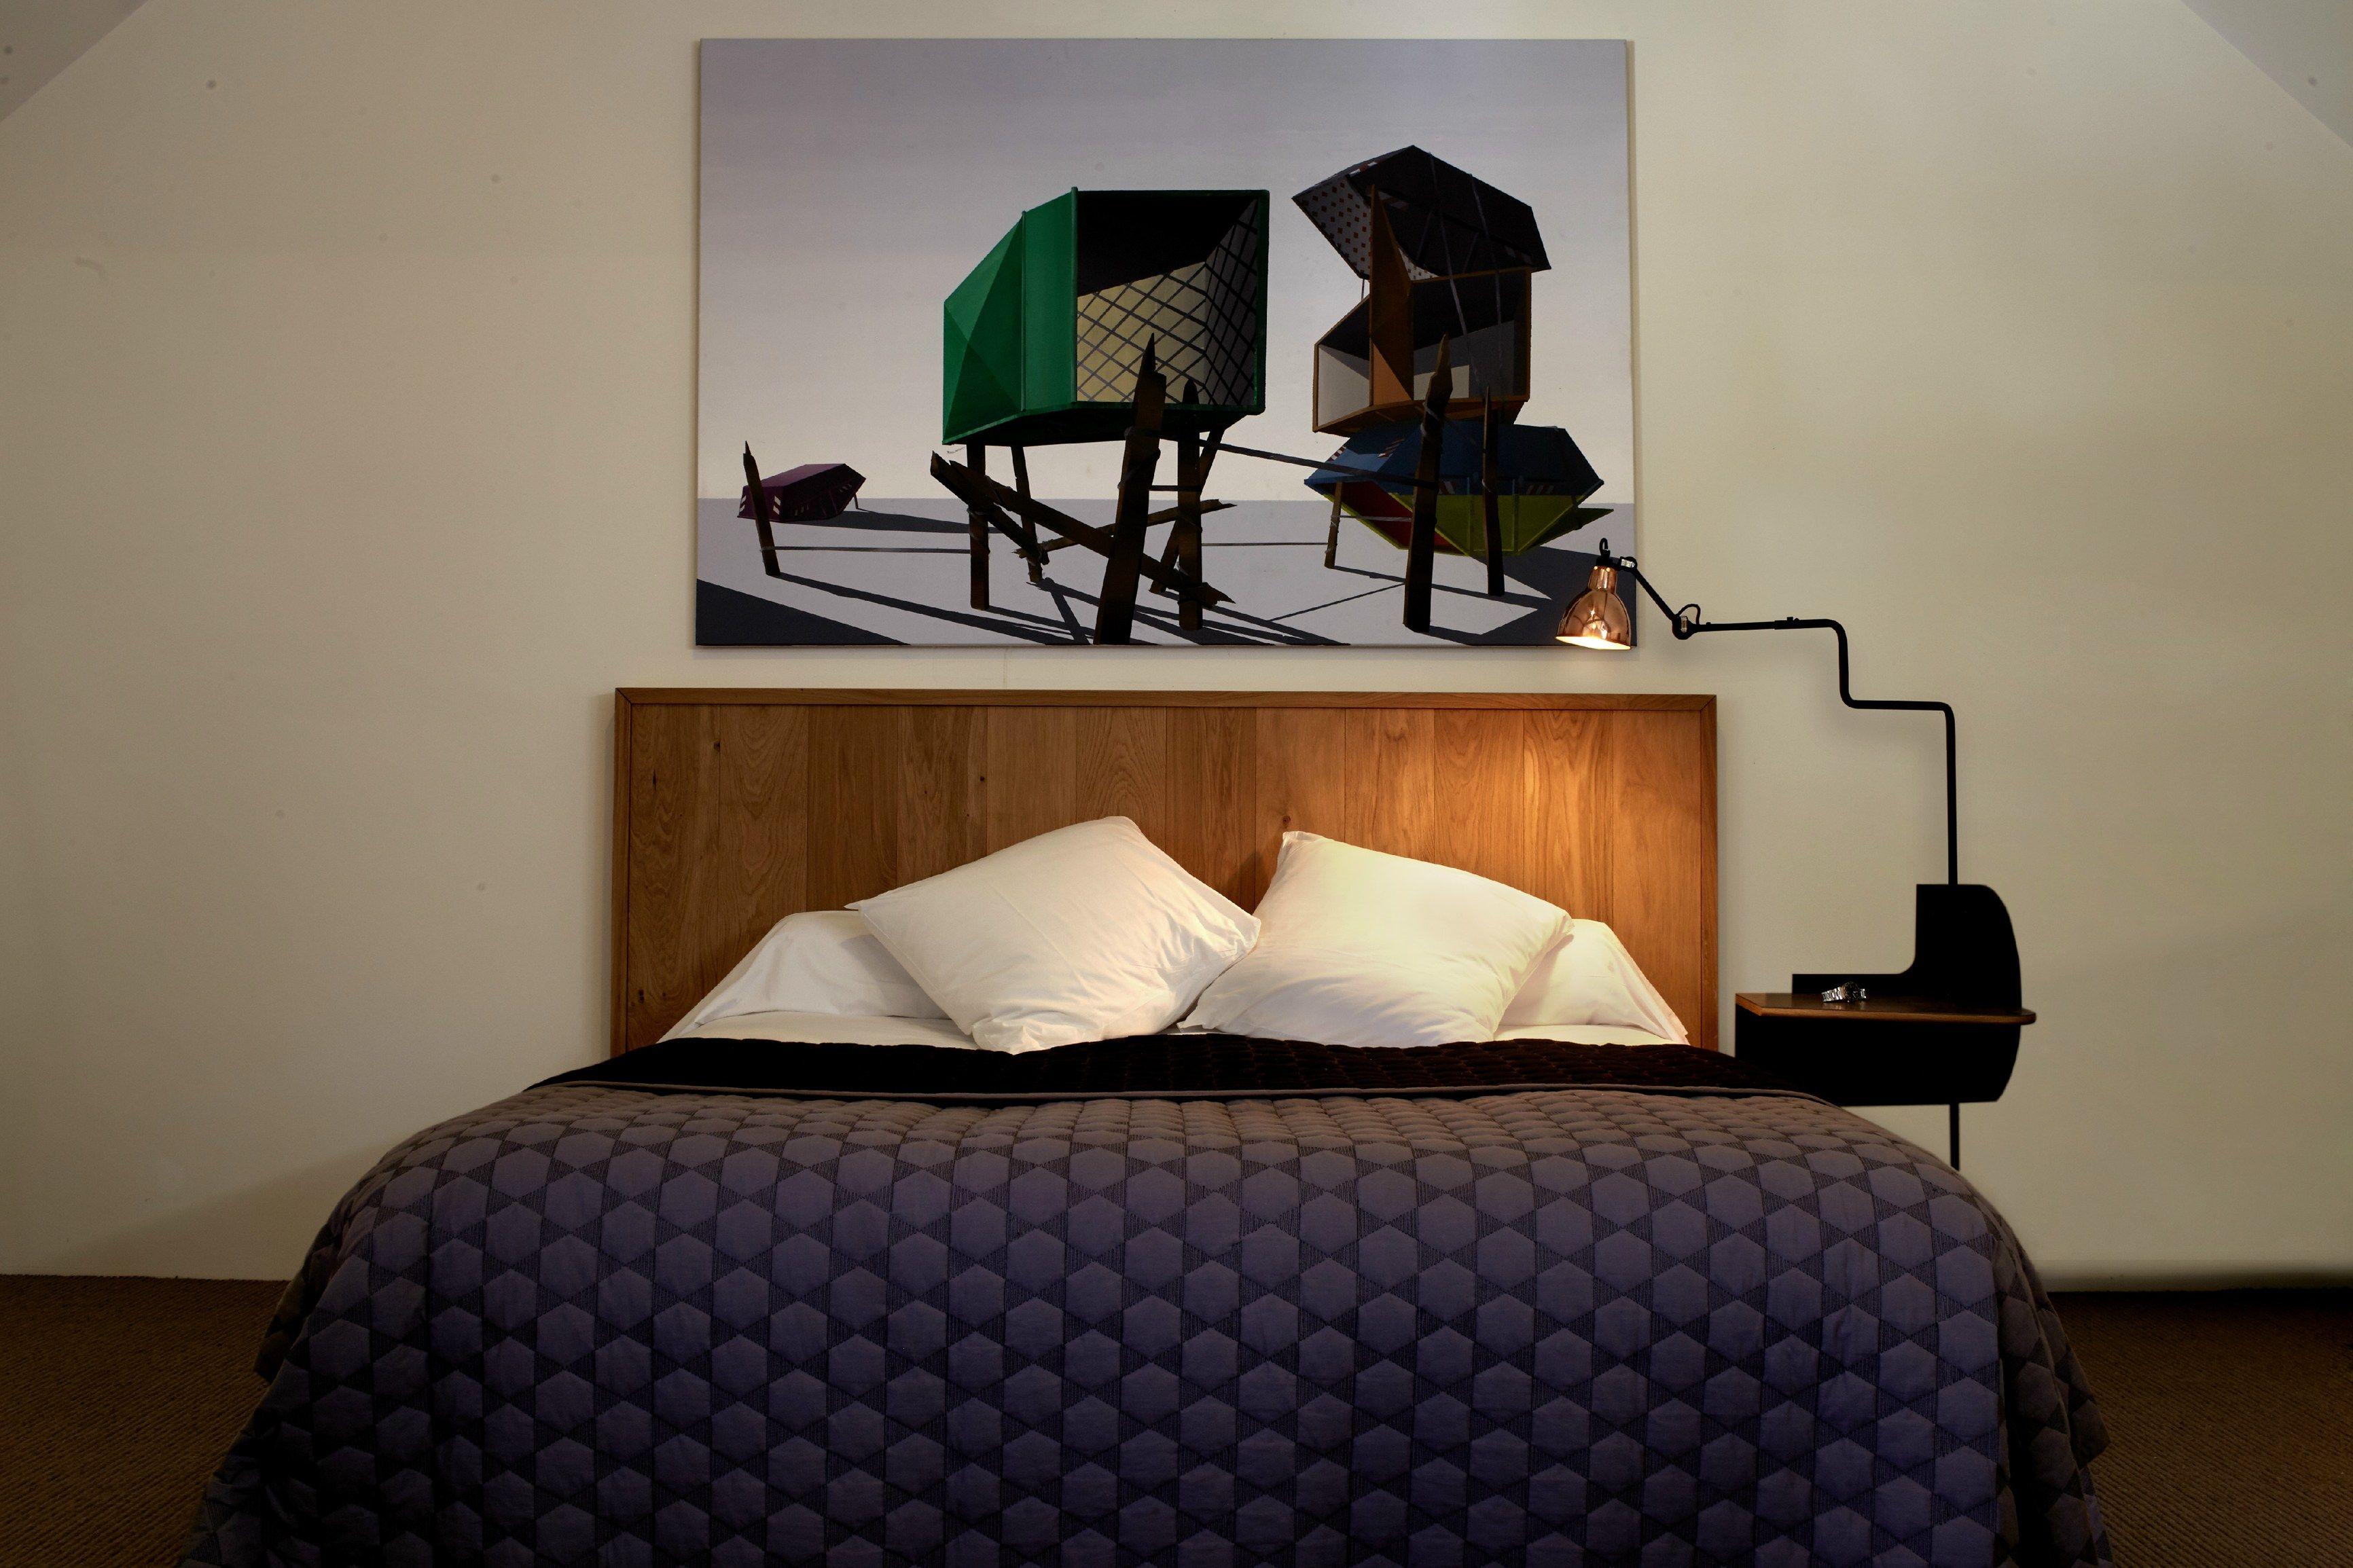 wand nachttisch japanische einfache moderne licht. Black Bedroom Furniture Sets. Home Design Ideas